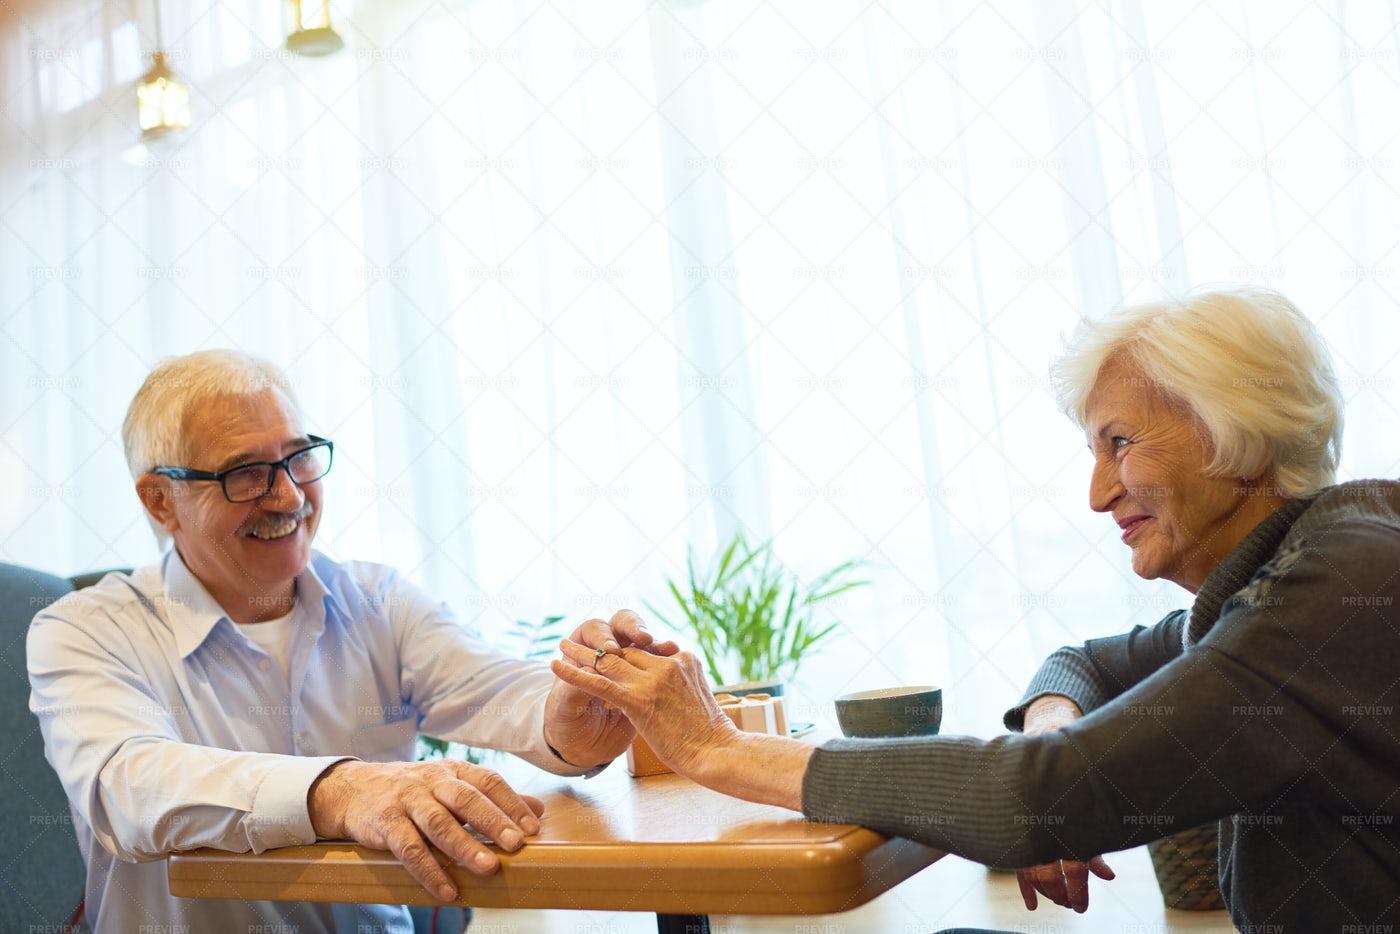 Senior Couple Celebrating Momentous...: Stock Photos